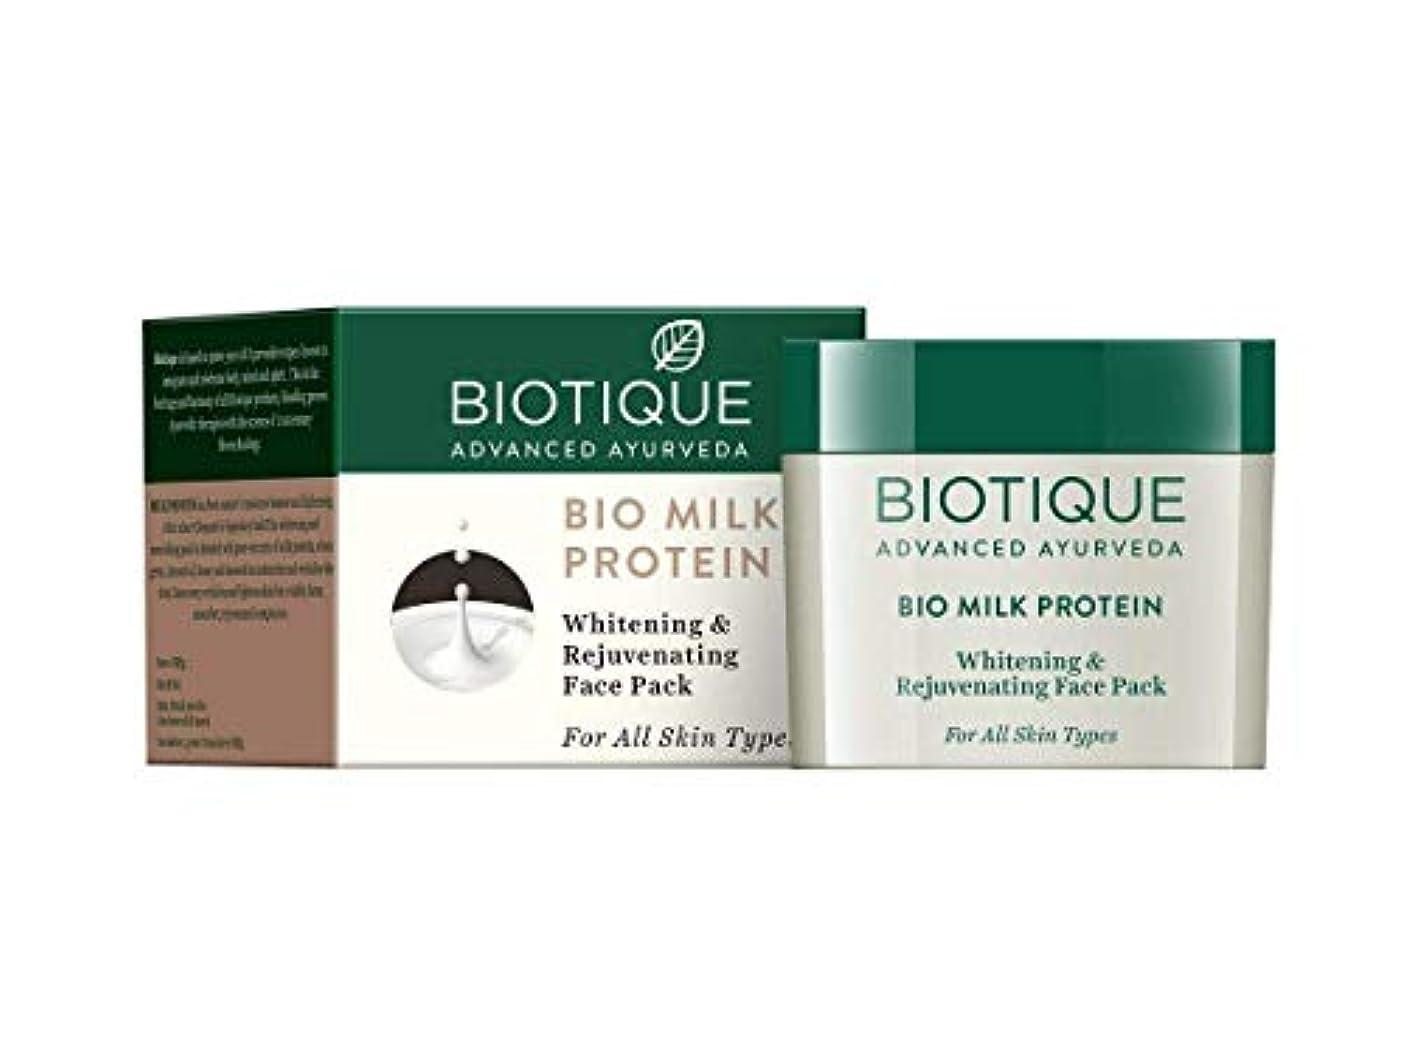 ランタン暗黙大胆Biotique Bio Milk Protein Whitening & Rejuvenating Face Pack 50g moisturize Skin バイオパックバイオミルクプロテインホワイトニング&活性化フェイスパック